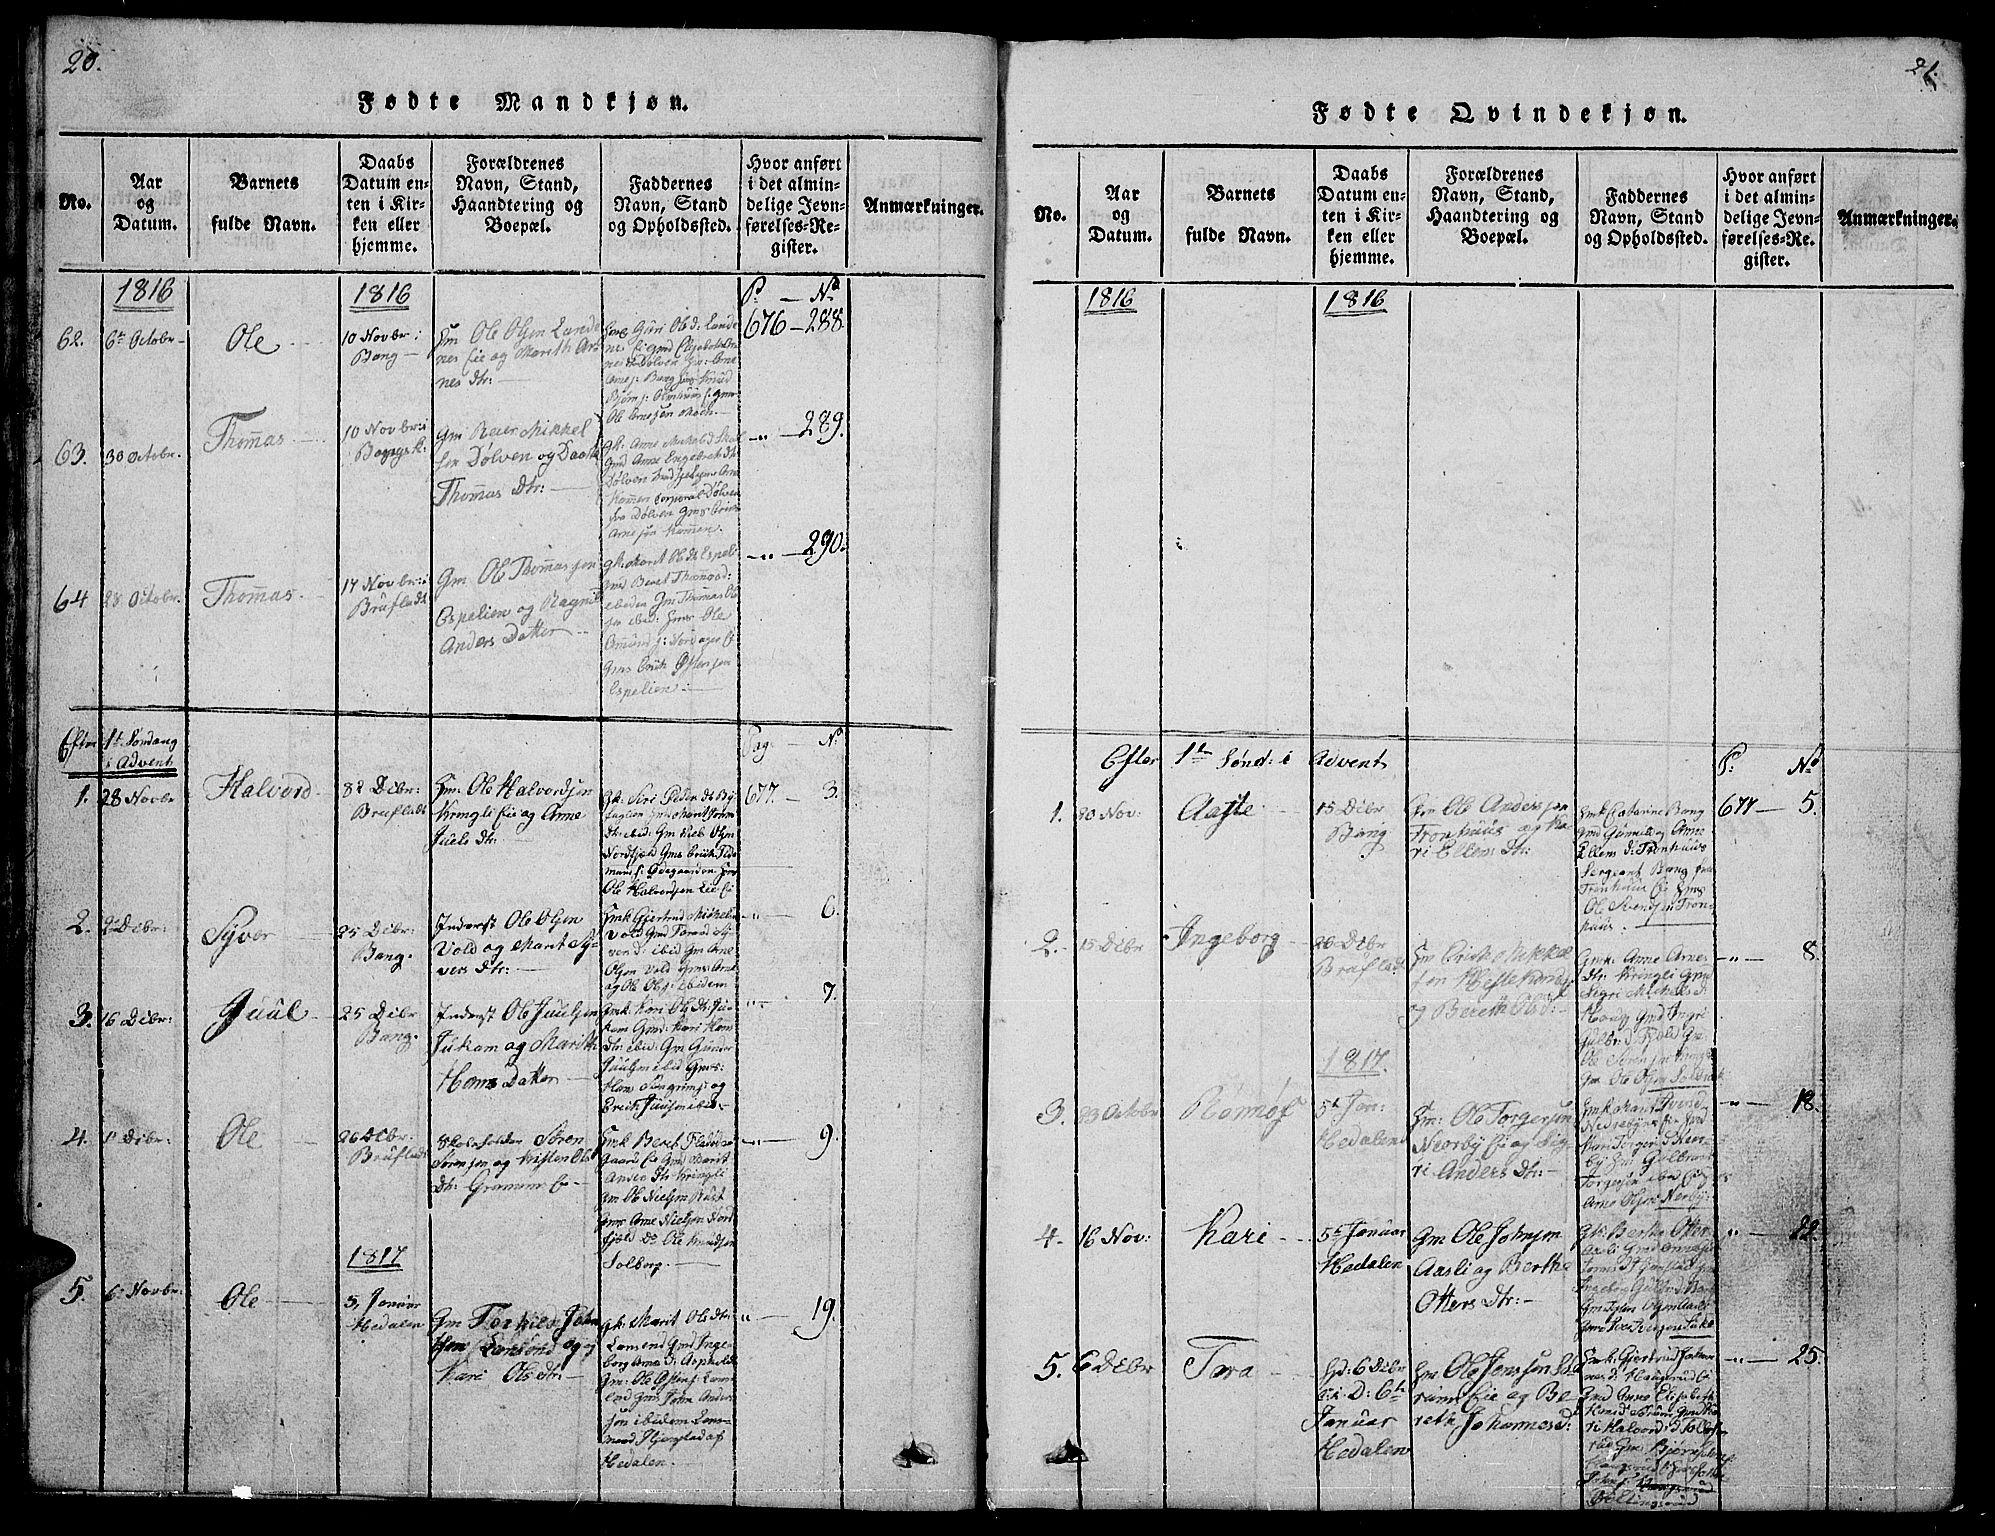 SAH, Sør-Aurdal prestekontor, Klokkerbok nr. 1, 1815-1826, s. 20-21